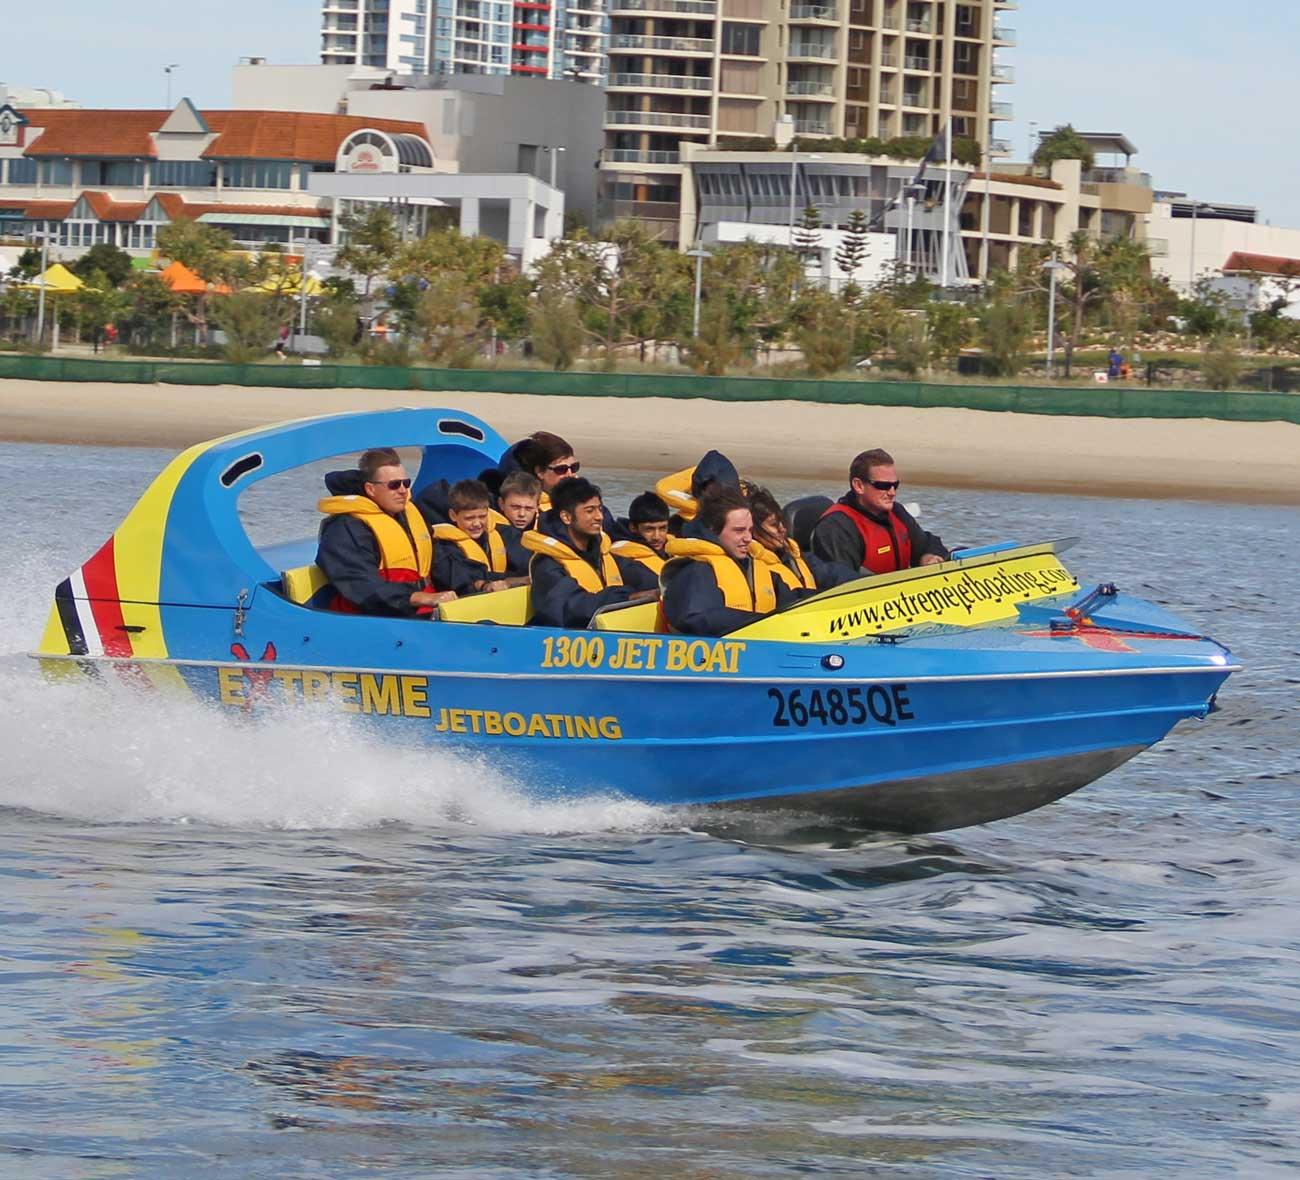 Extreme-Jet-Boat-Gold-Coast